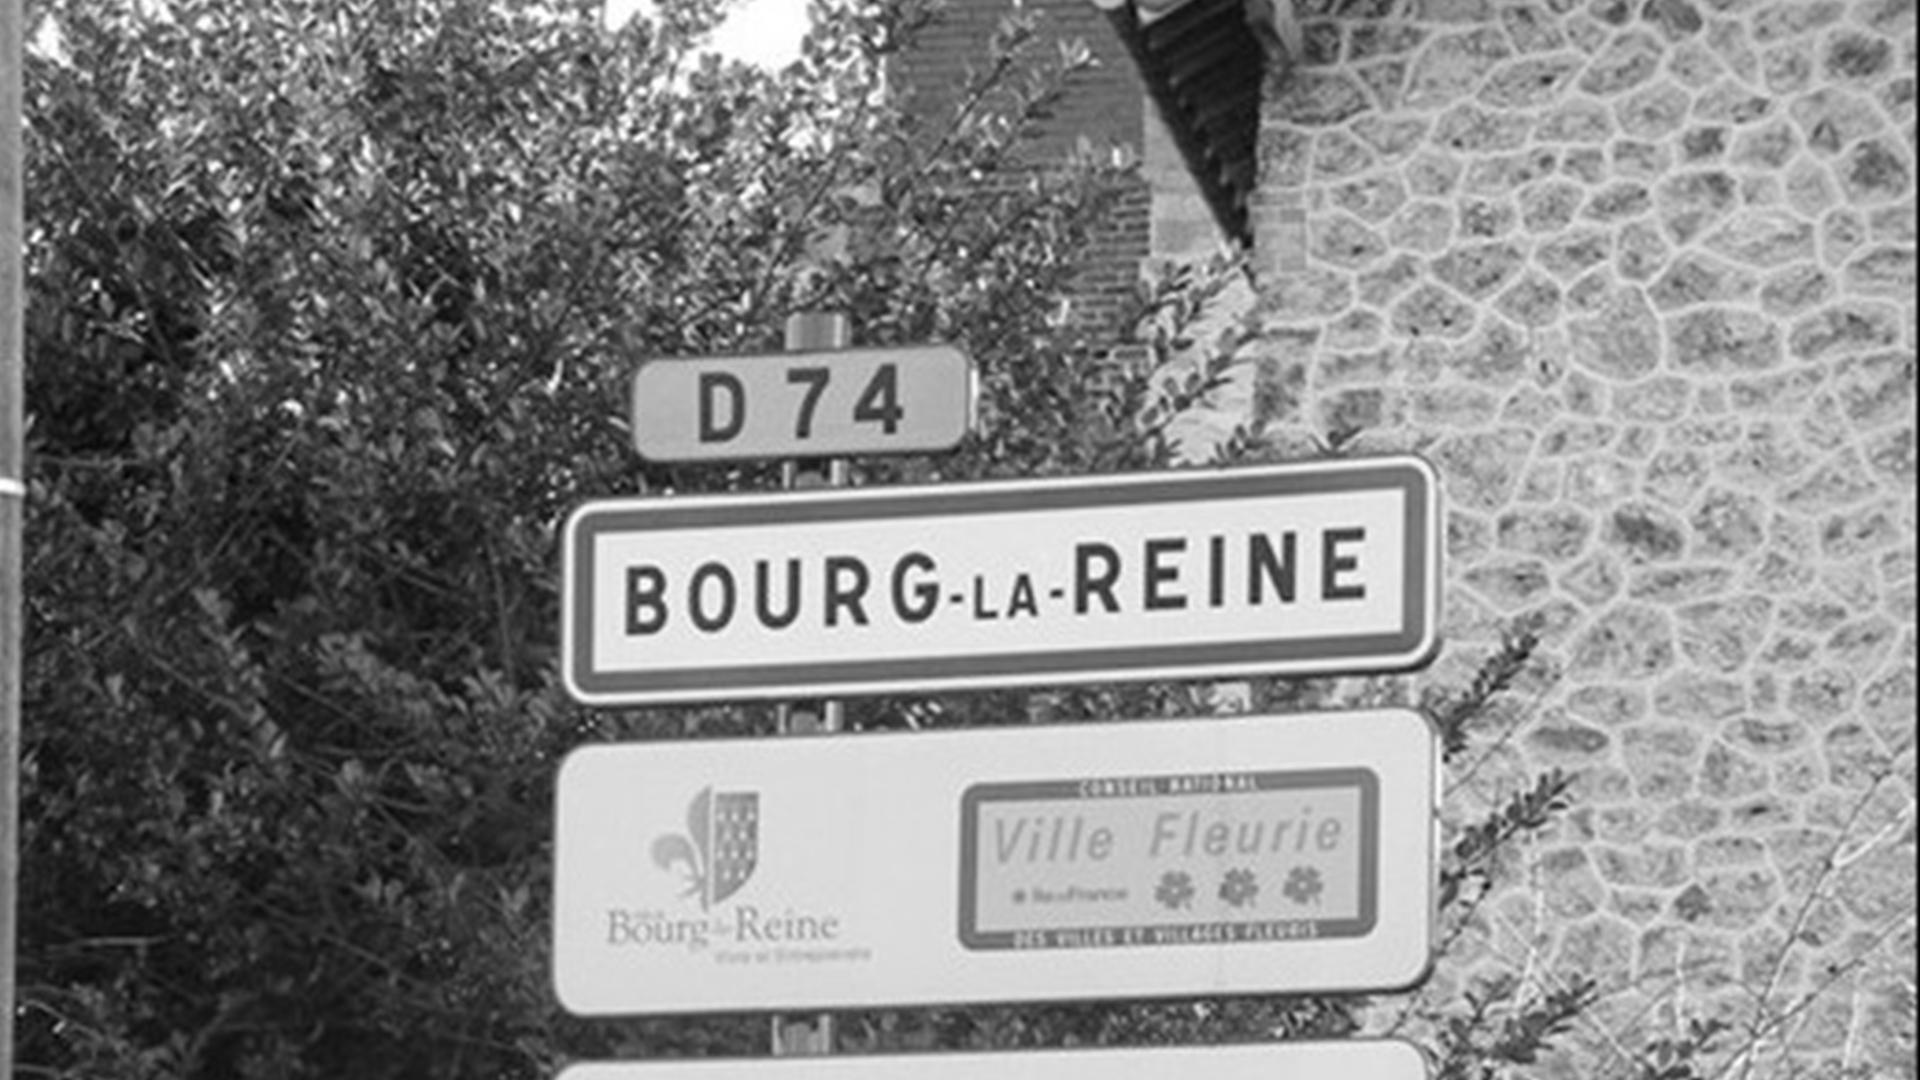 Bourg-la-Reine CS:GO